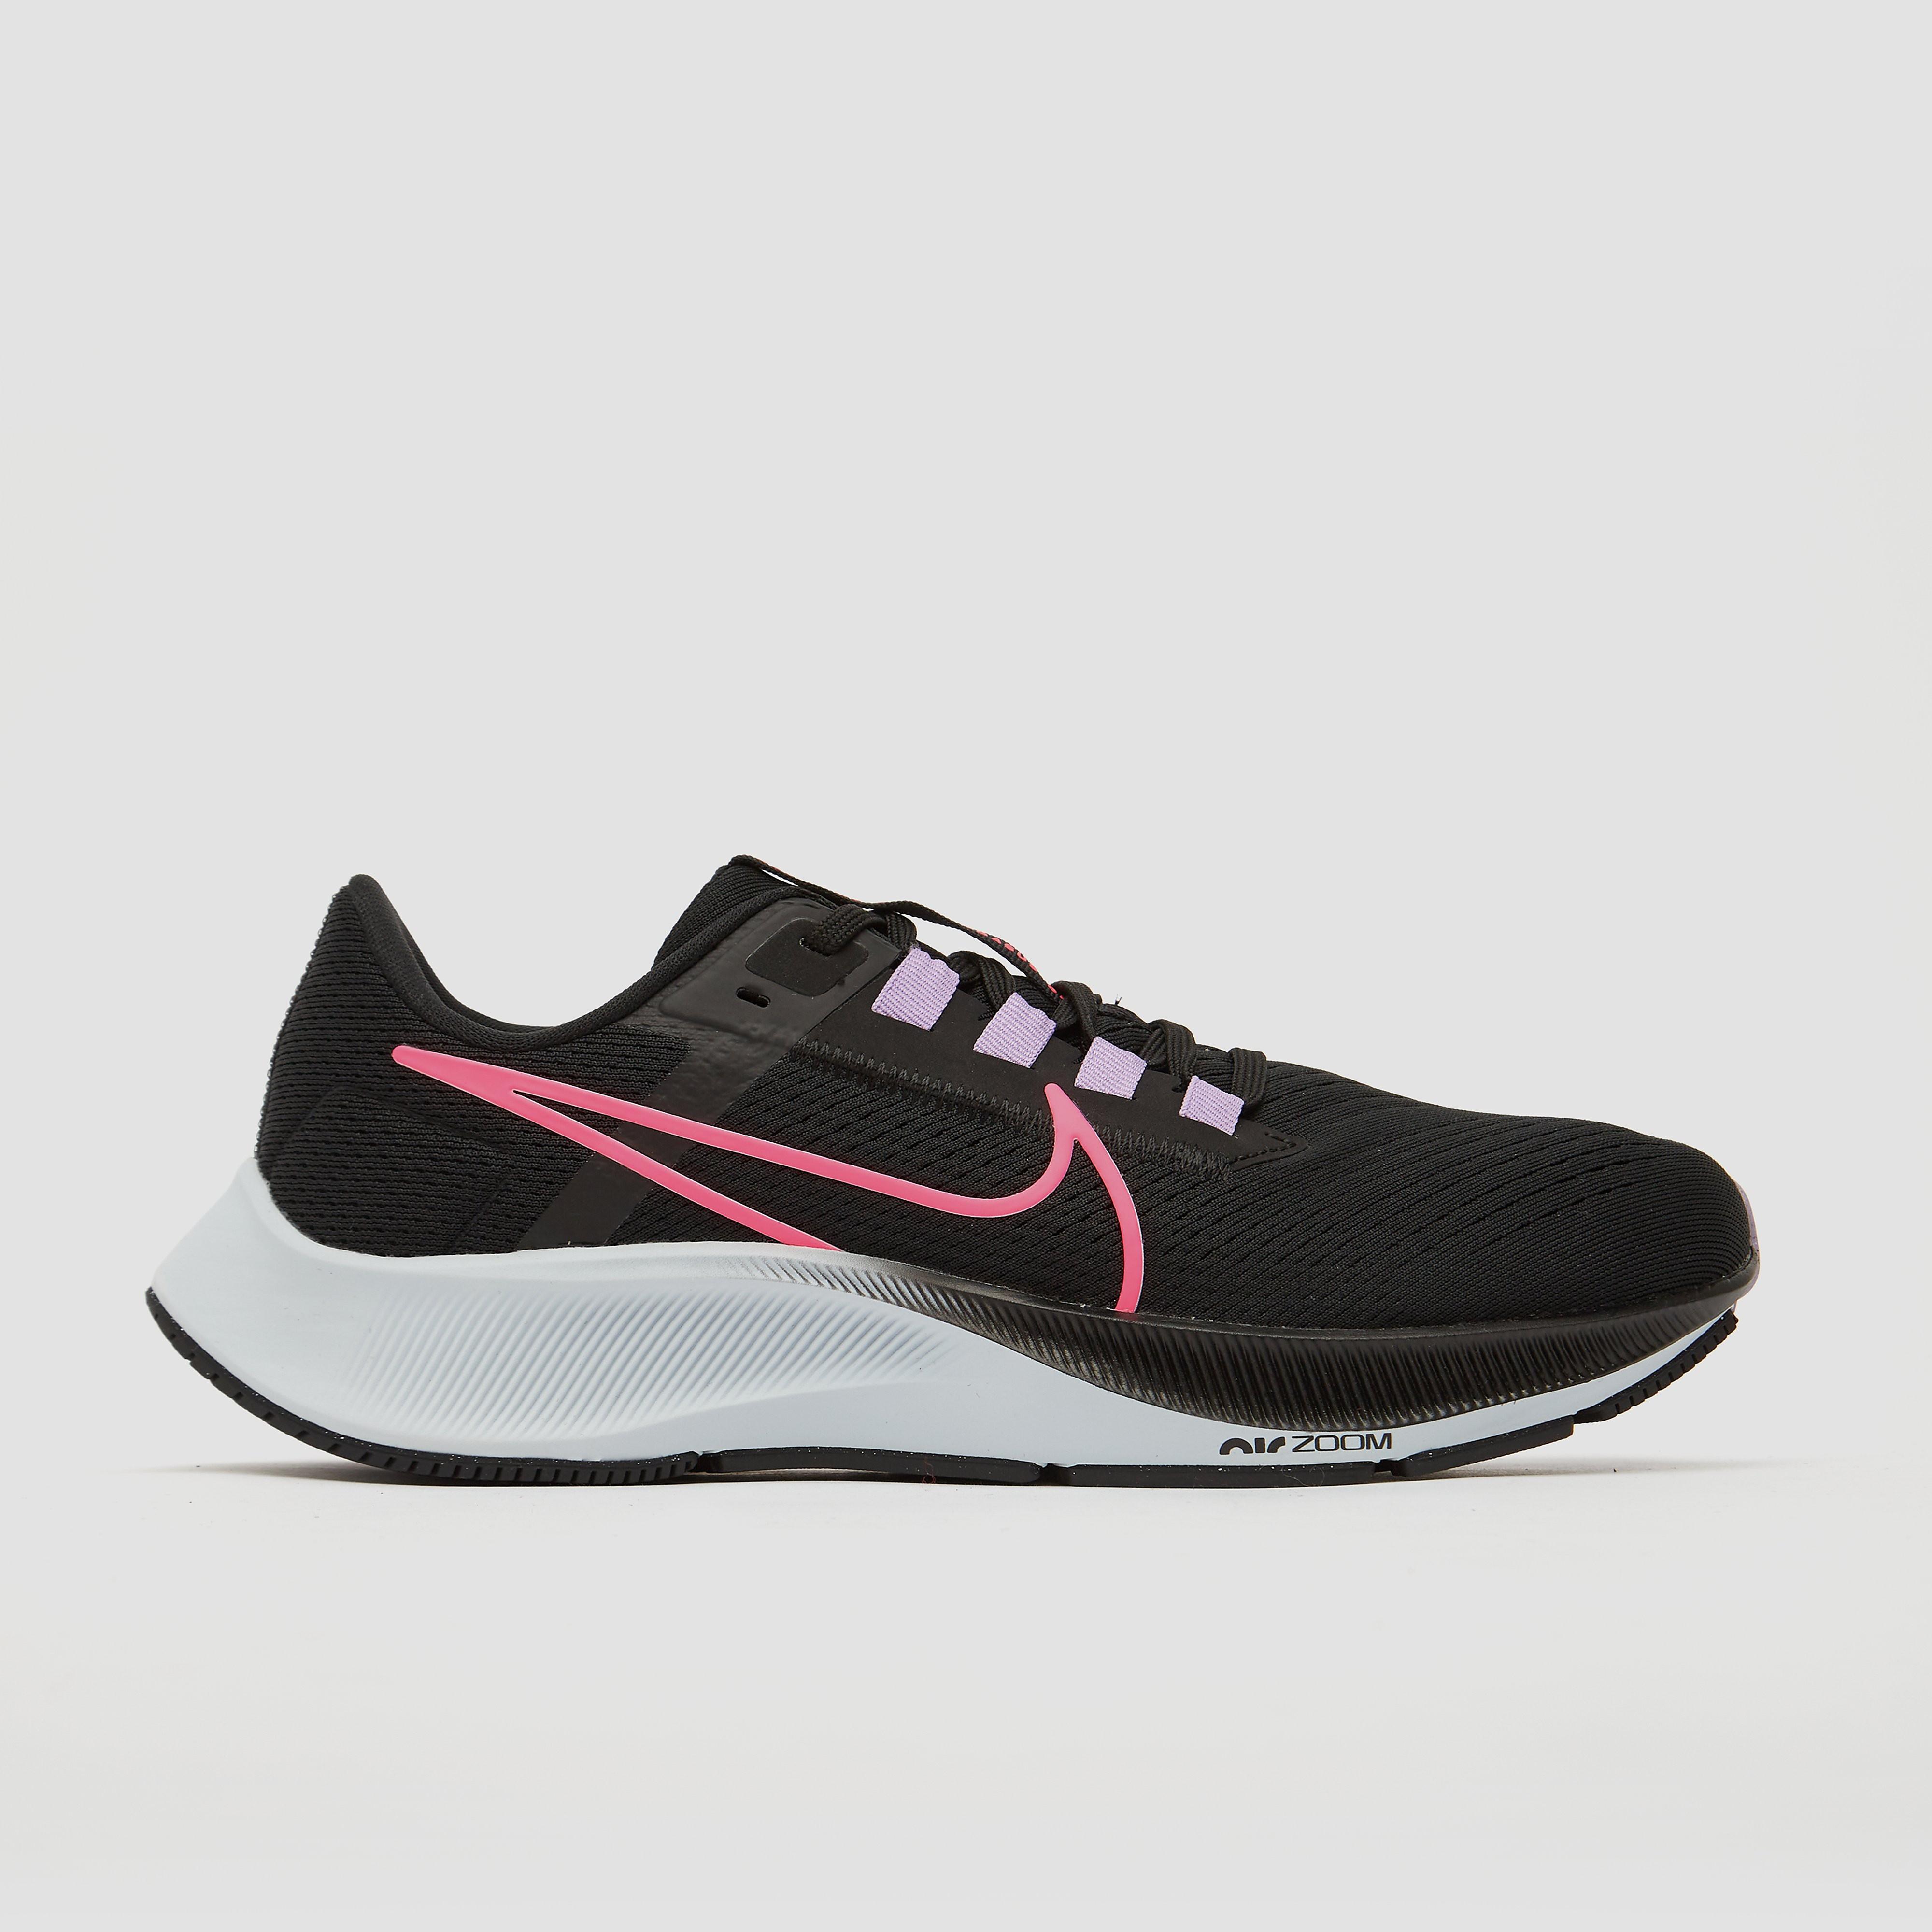 Nike Air Zoom Pegasus 38 Hardloopschoenen voor dames (straat) Zwart online kopen